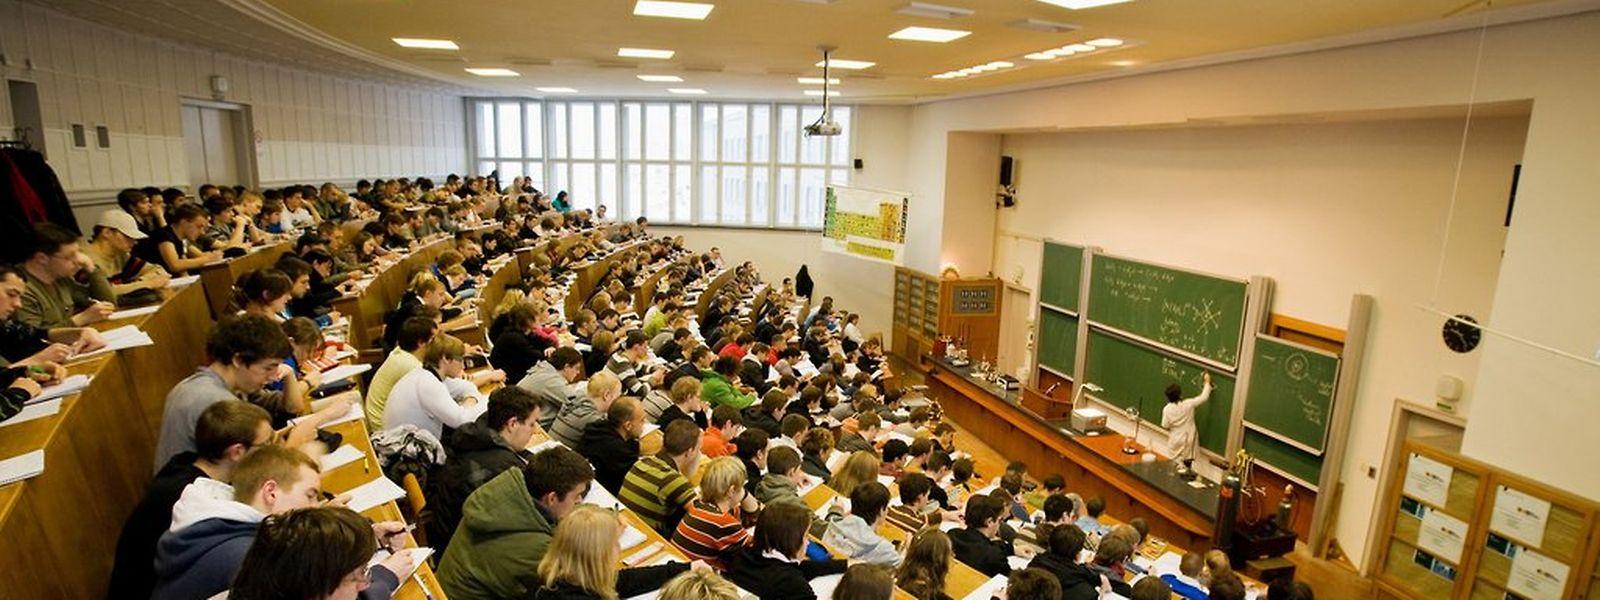 Die Schüler- und Studentenvertreter hoffen, die politischen Entscheidungsträger noch umstimmen zu können. Nachbesserungen sollte es u.a bei der umstrittenen Mobilitätsbeihilfe und Staffelung der Zulagen geben.